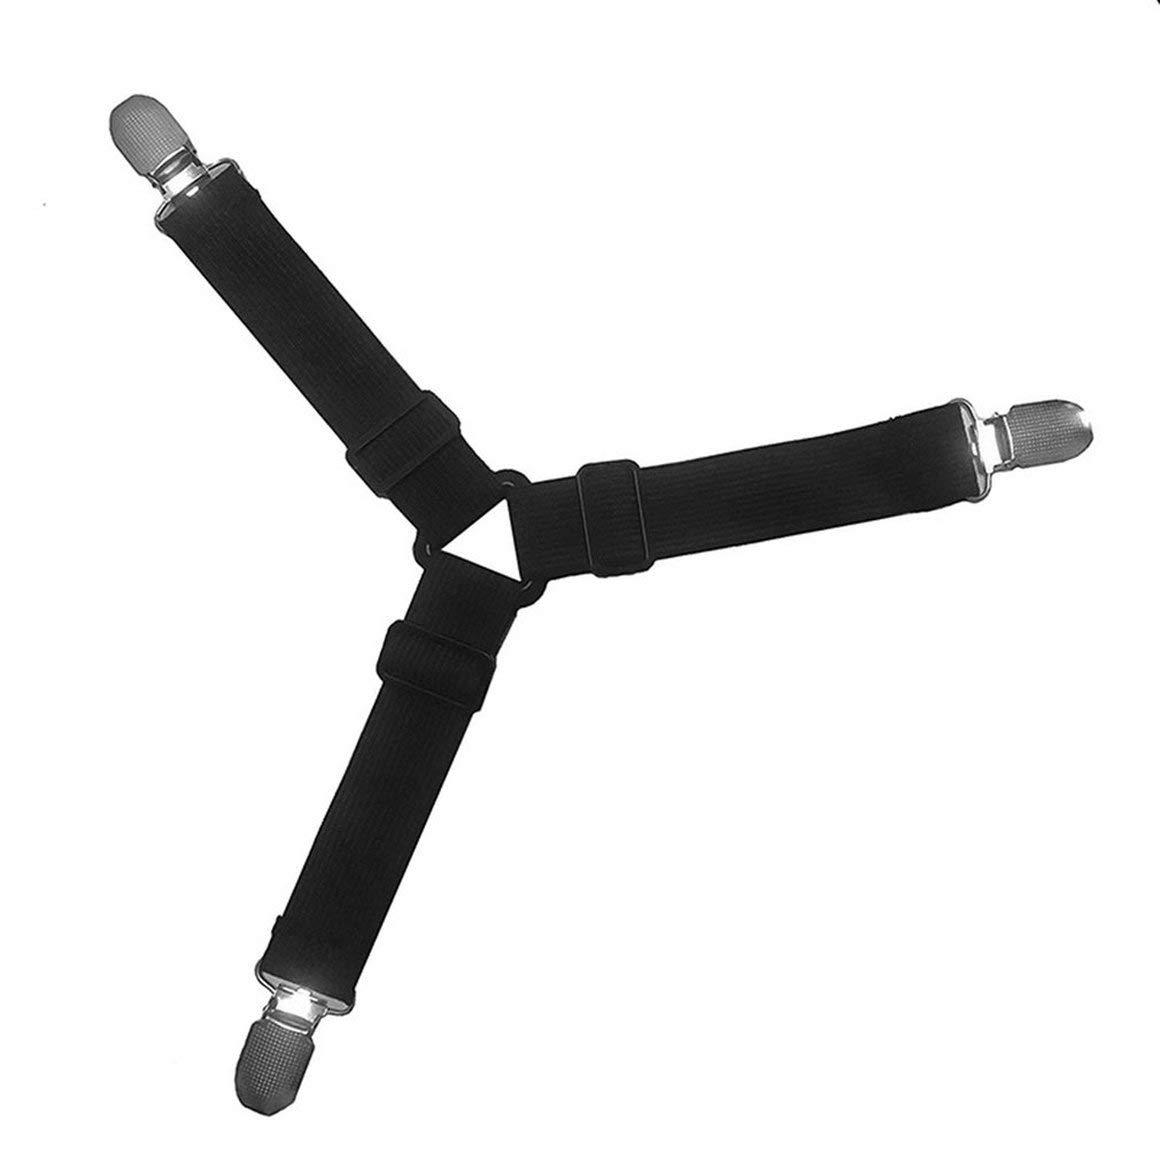 Funnyrunstore Triangle Bed Mattress Sheet Clips Grippers Straps Suspender Fastener Holder (Nero)